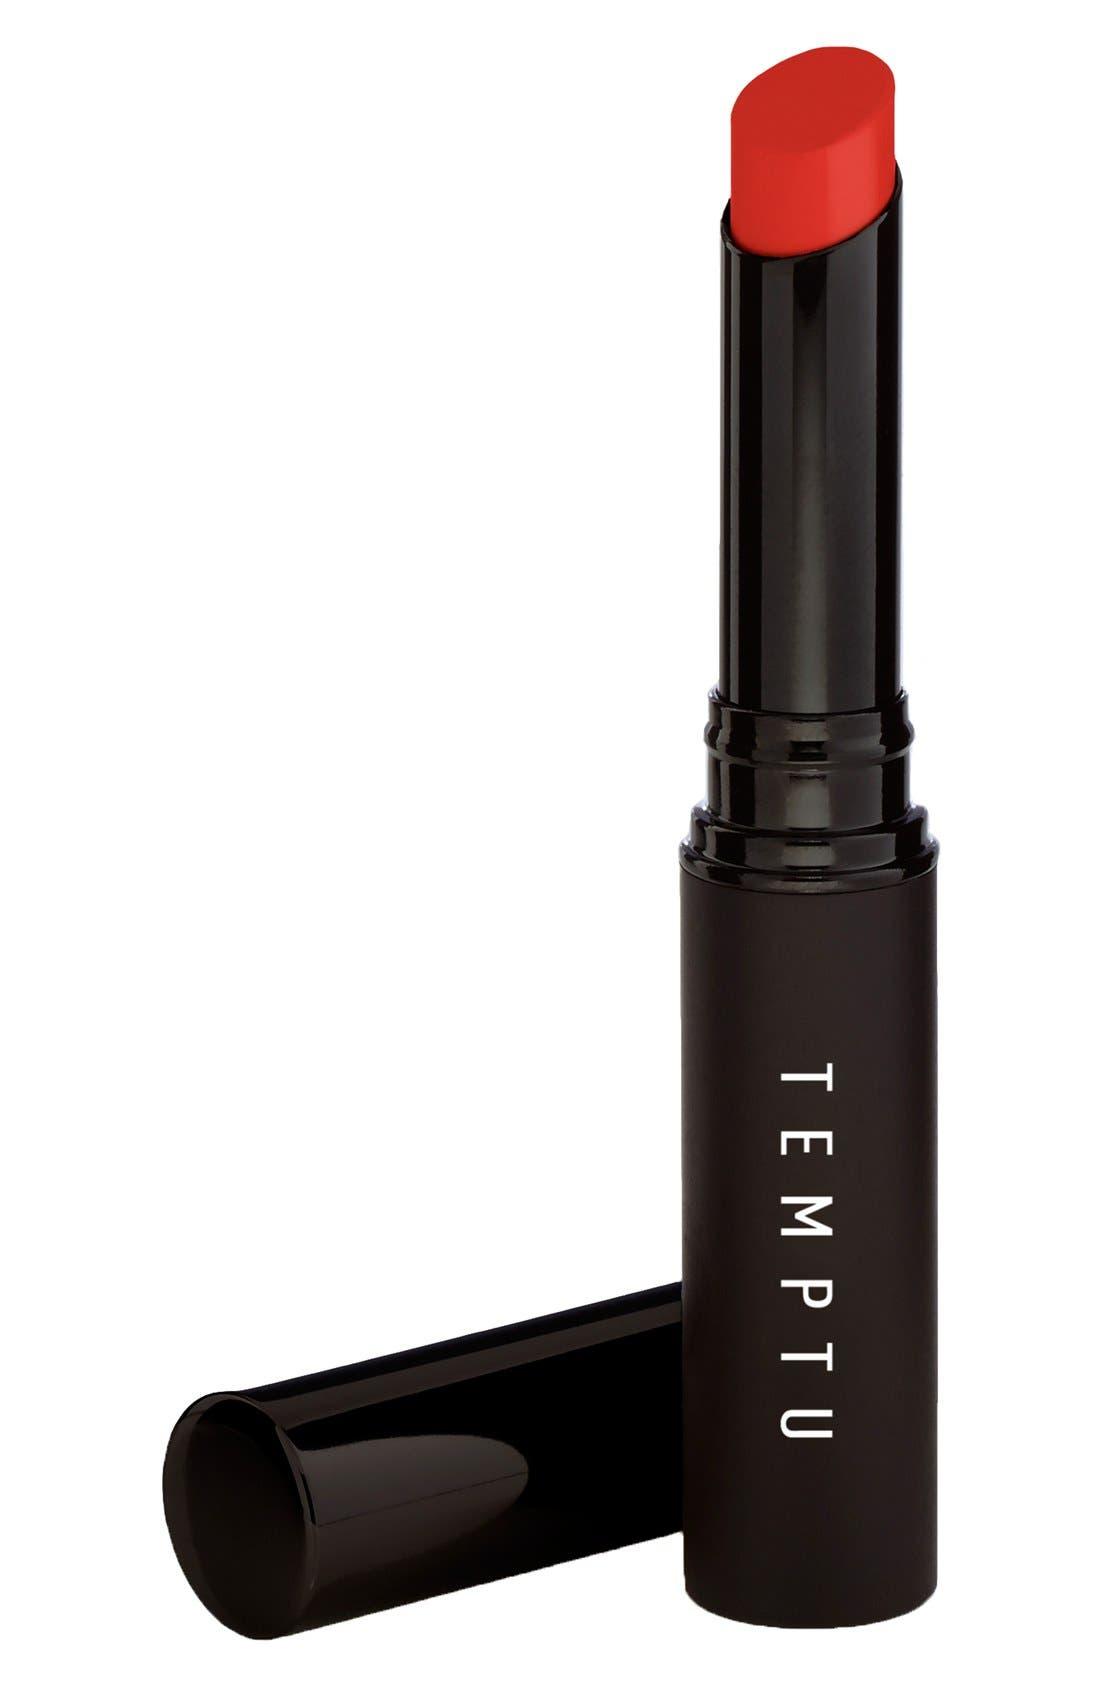 'ColorTrue' Lipstick,                             Main thumbnail 1, color,                             CORAL BLAZE